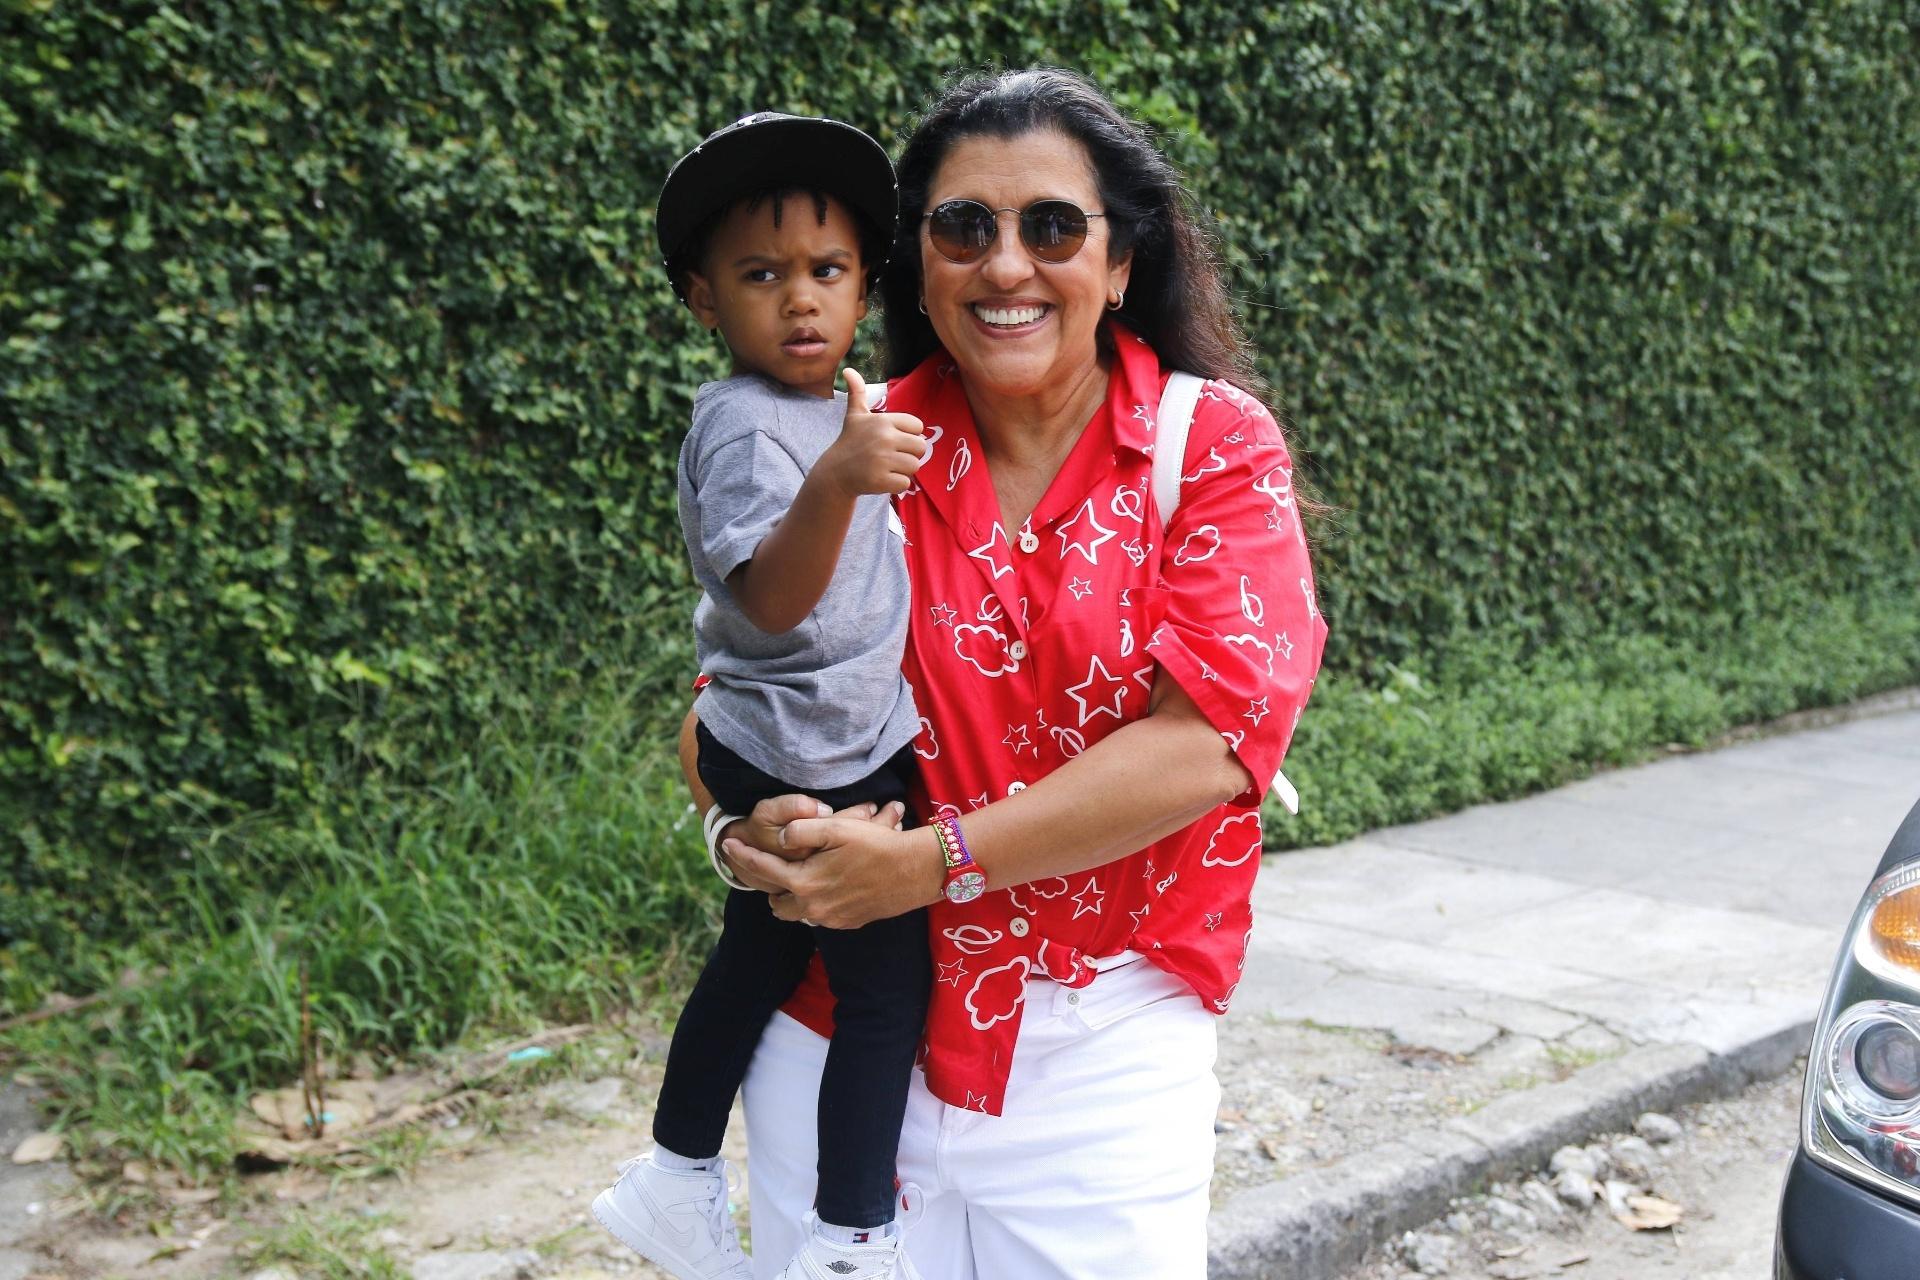 6.dez.2015 - A apresentadora Regina Casé levou o filho adotivo, Roque, para o festejo das filhas de Glória Maria no Rio de Janeiro. O garotinho foi adotado em 2013 com o marido, Estevão Ciavatta